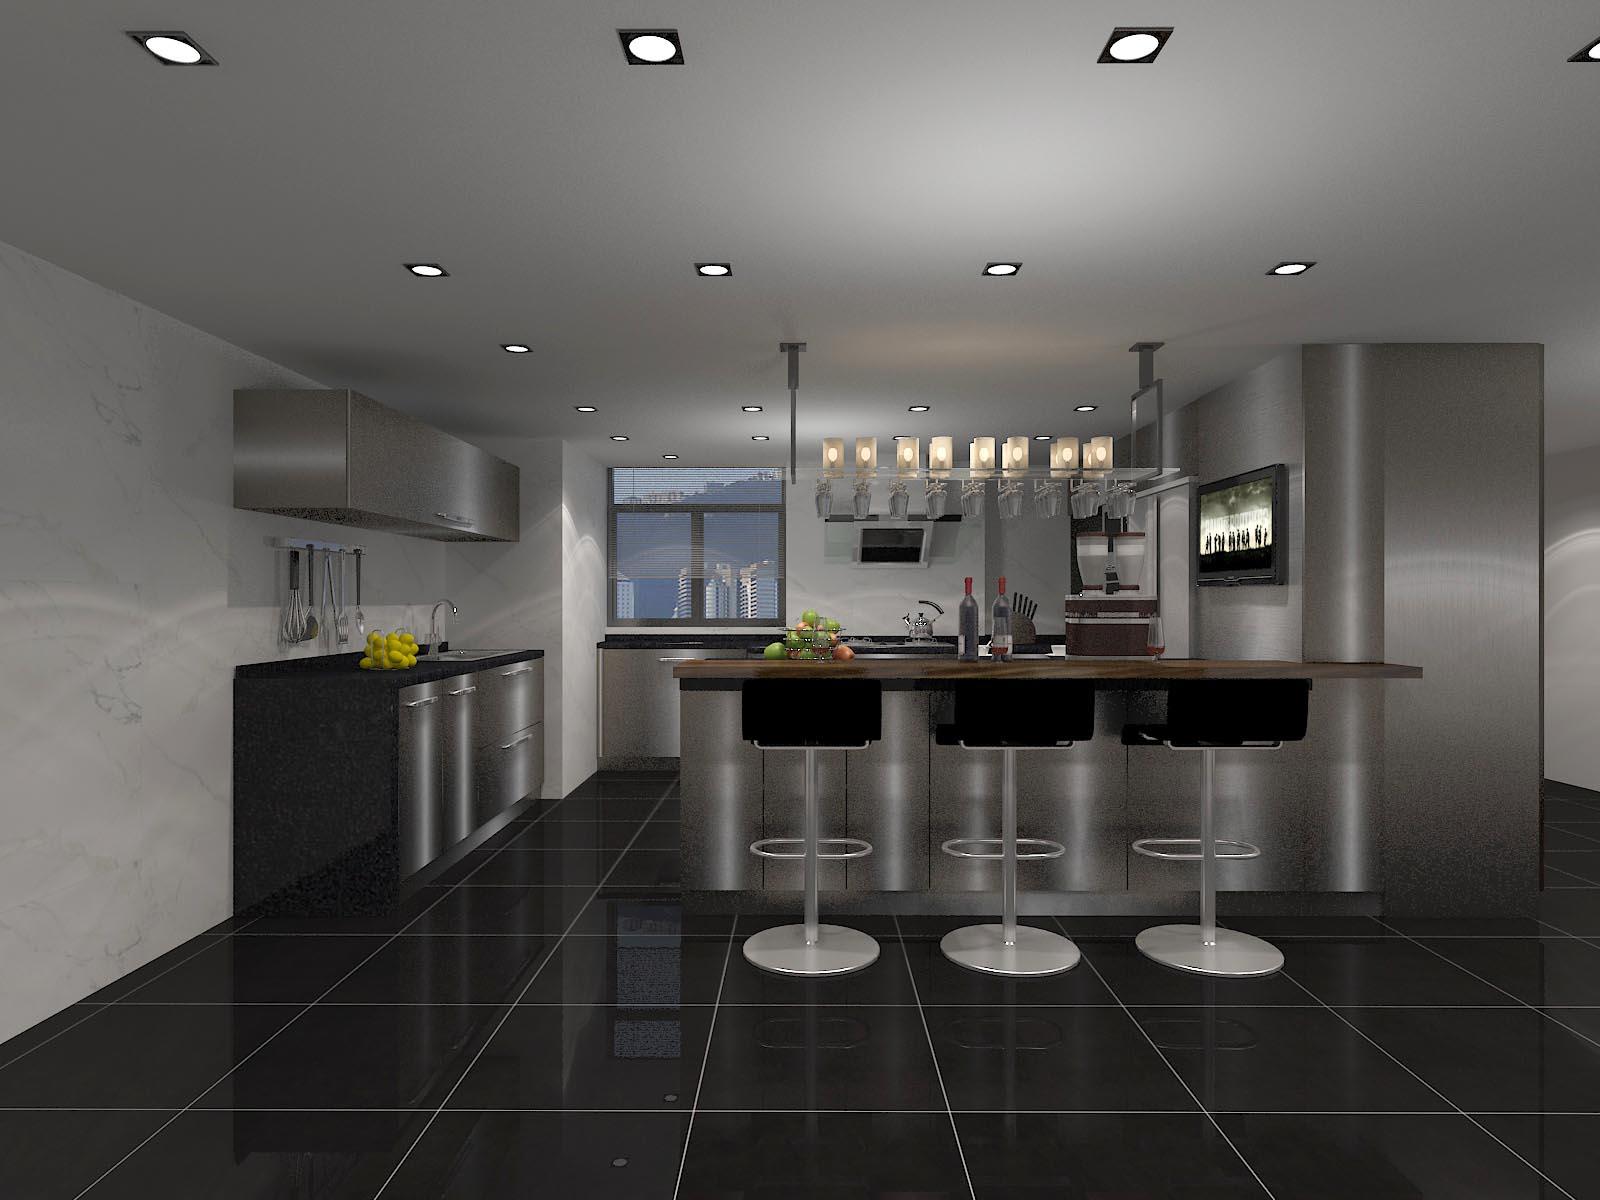 激情黑白灰 金属质感现代简约厨房